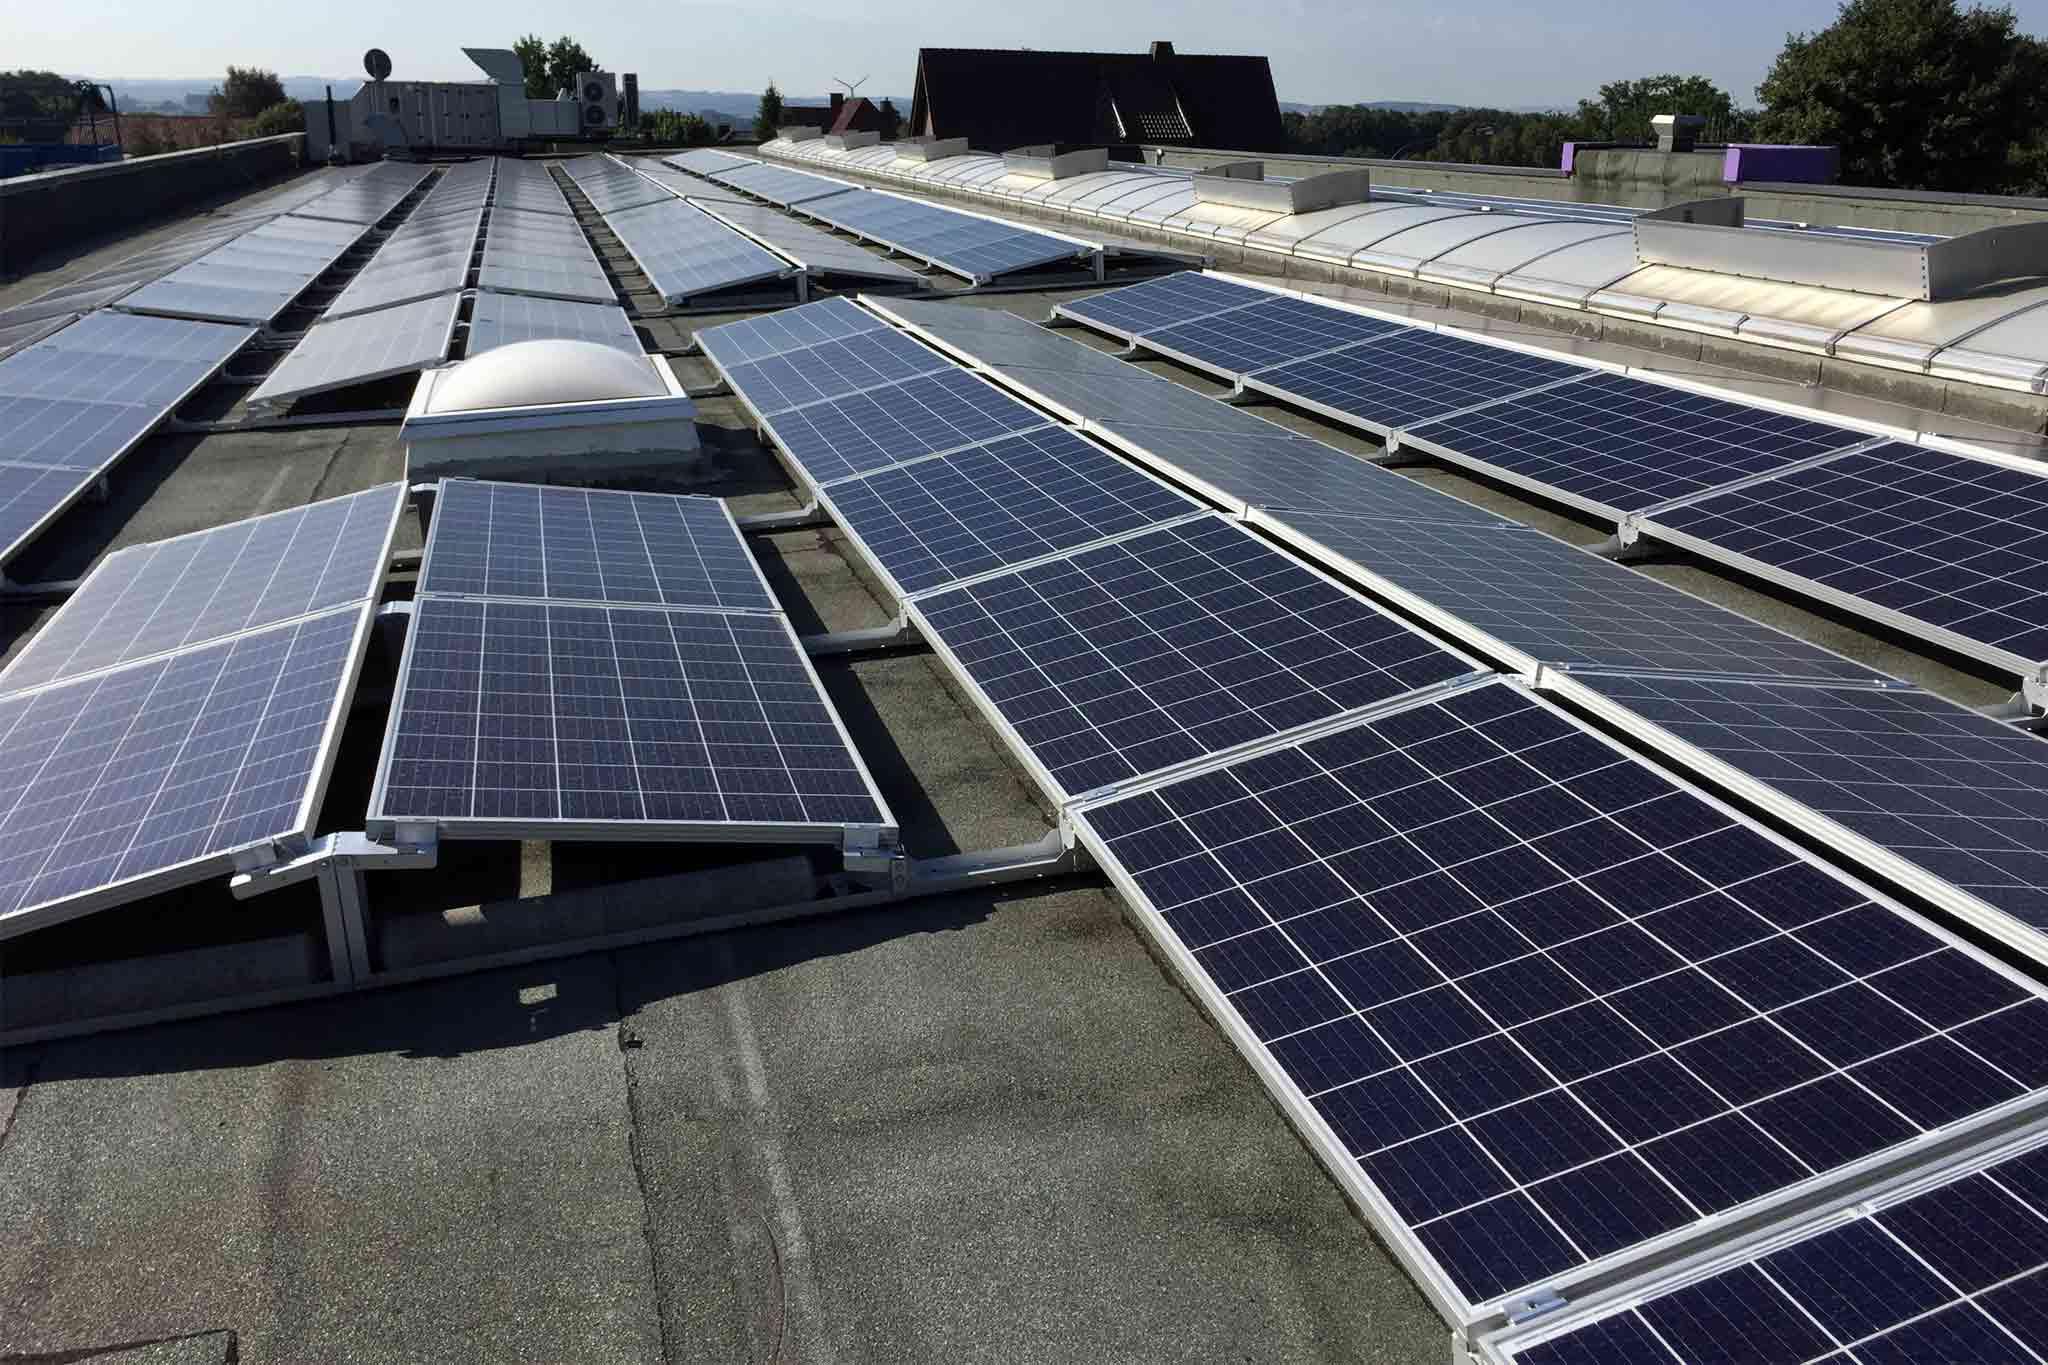 Photovoltaikanlage mit Ost-West-Ausrichtung